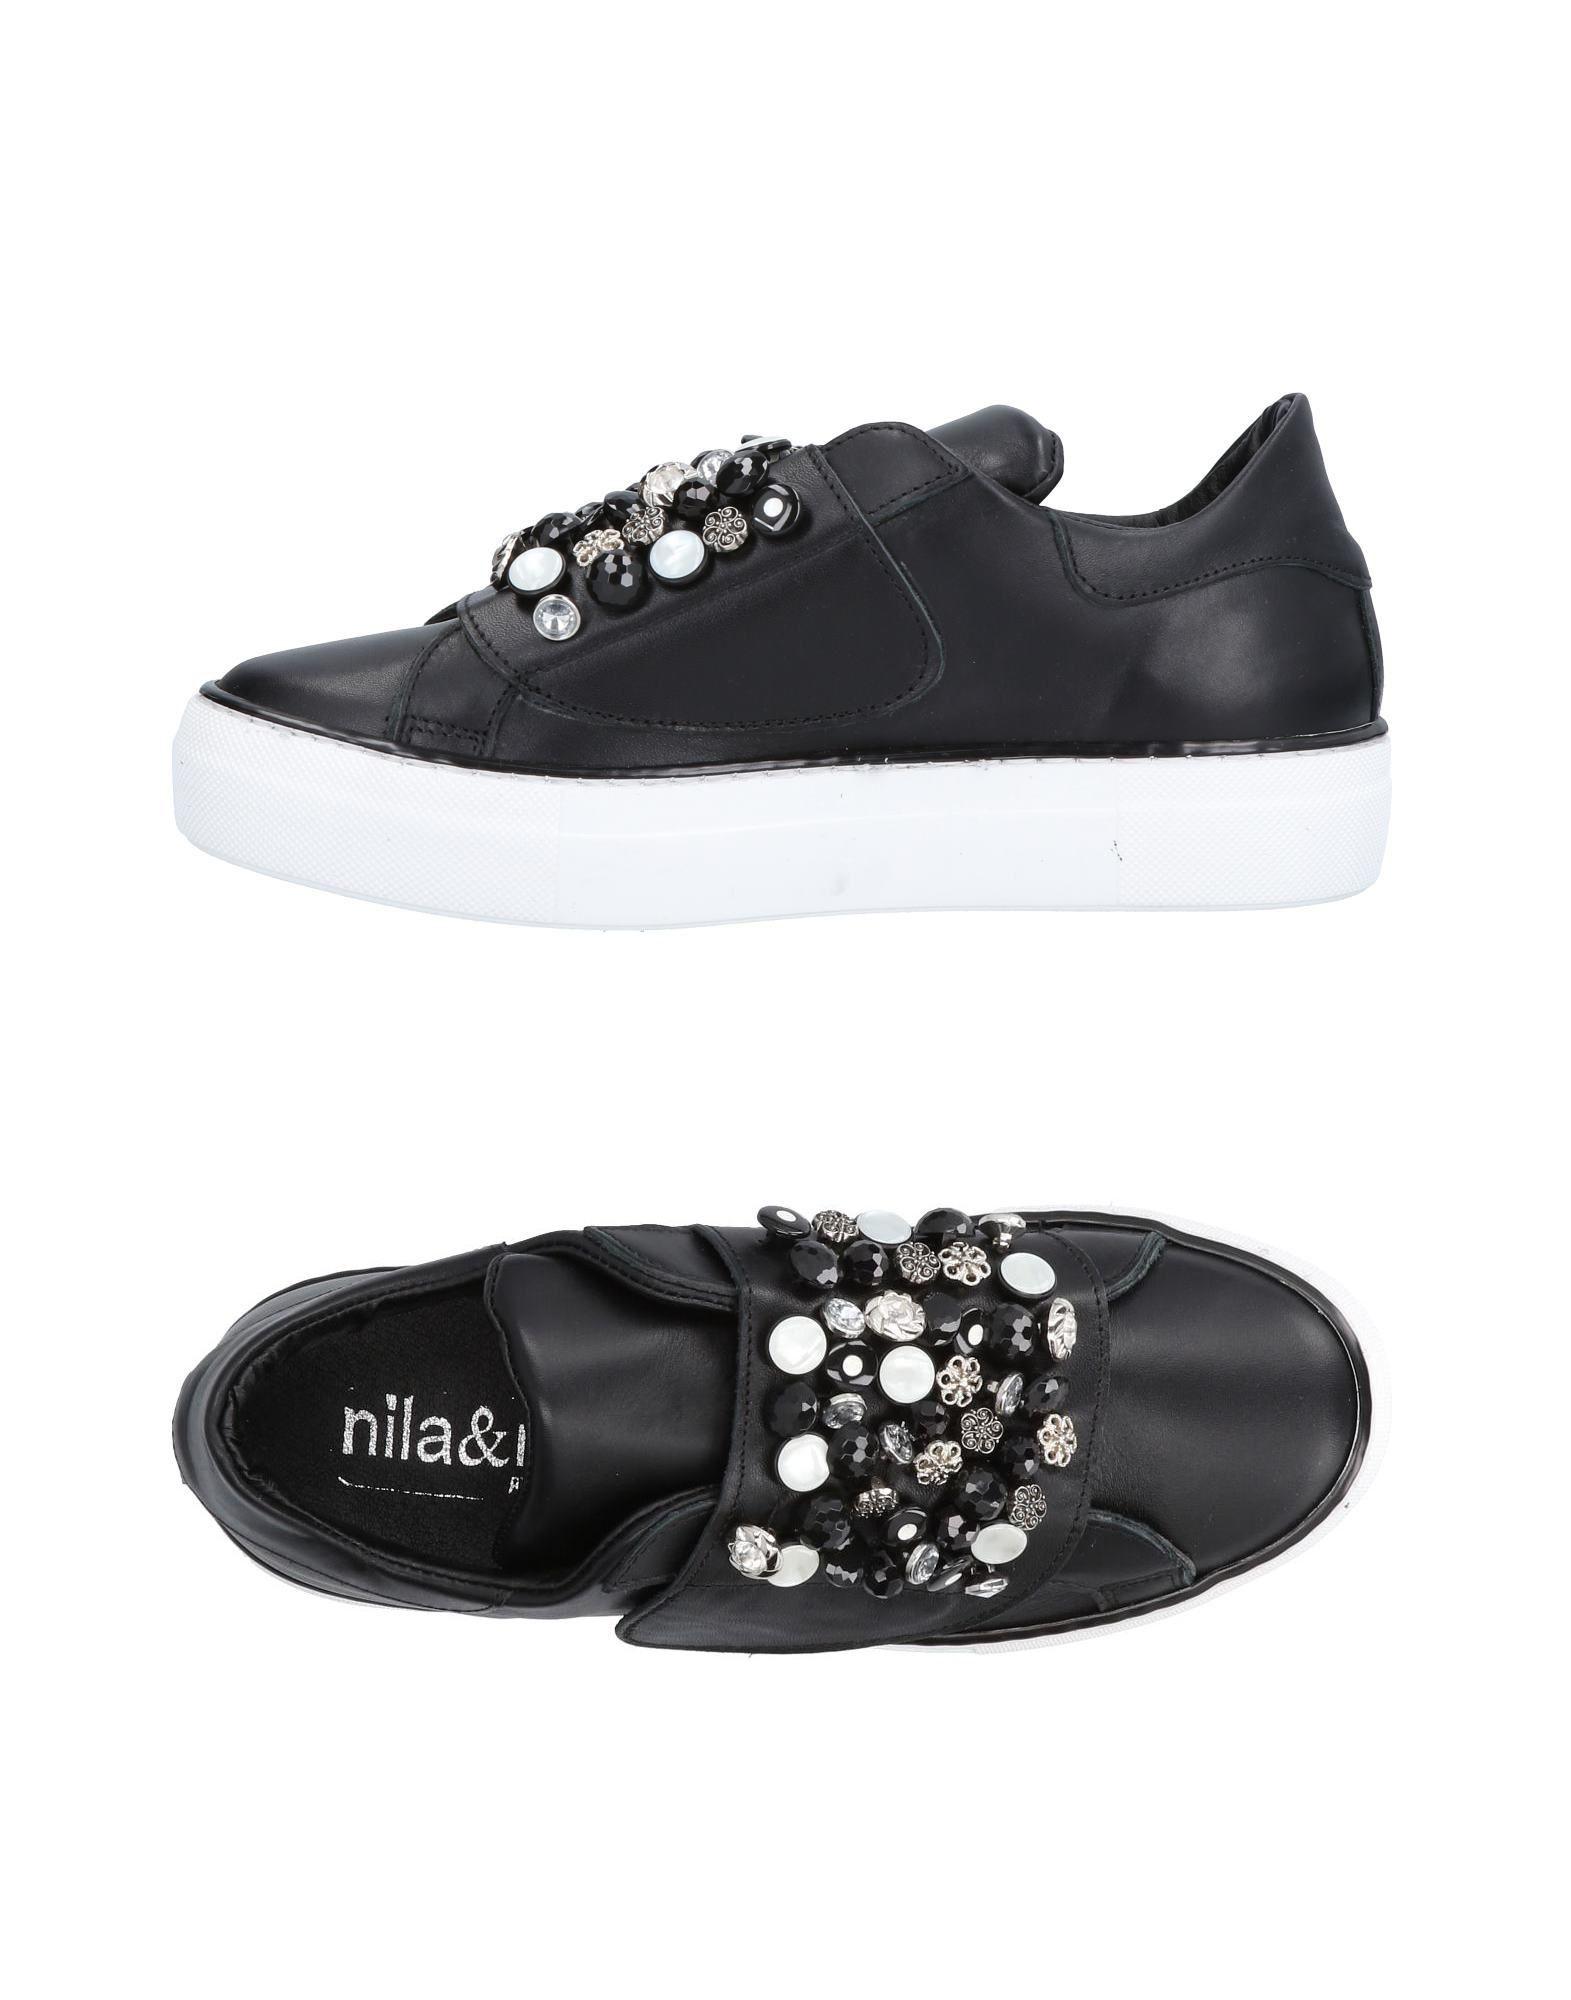 Baskets Nila & Nila Femme - Baskets Nila & Nila Noir Dernières chaussures discount pour hommes et femmes